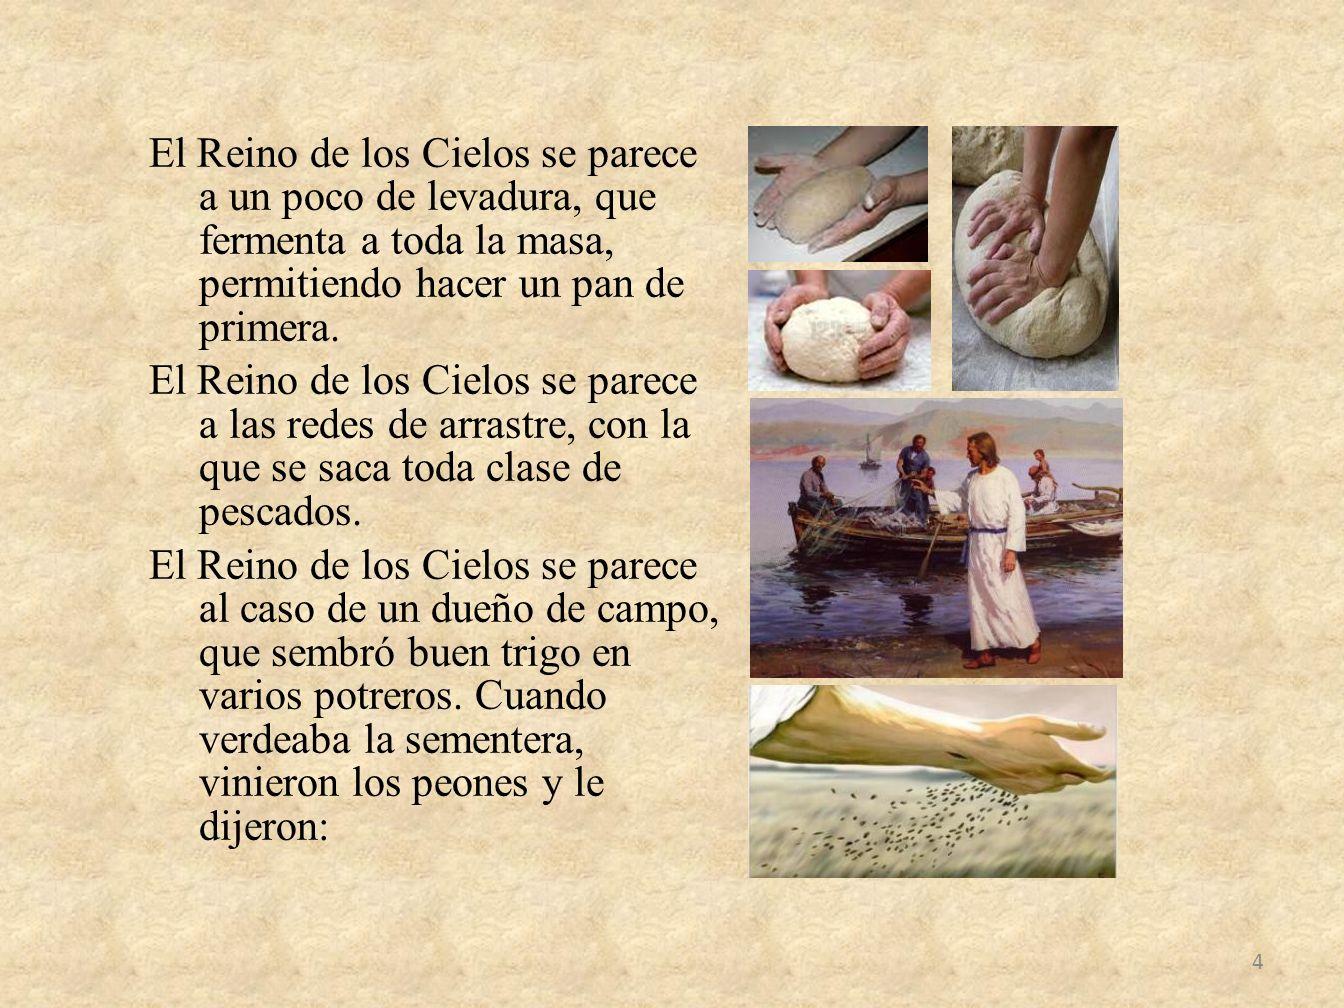 El Reino de los Cielos se parece a un poco de levadura, que fermenta a toda la masa, permitiendo hacer un pan de primera.